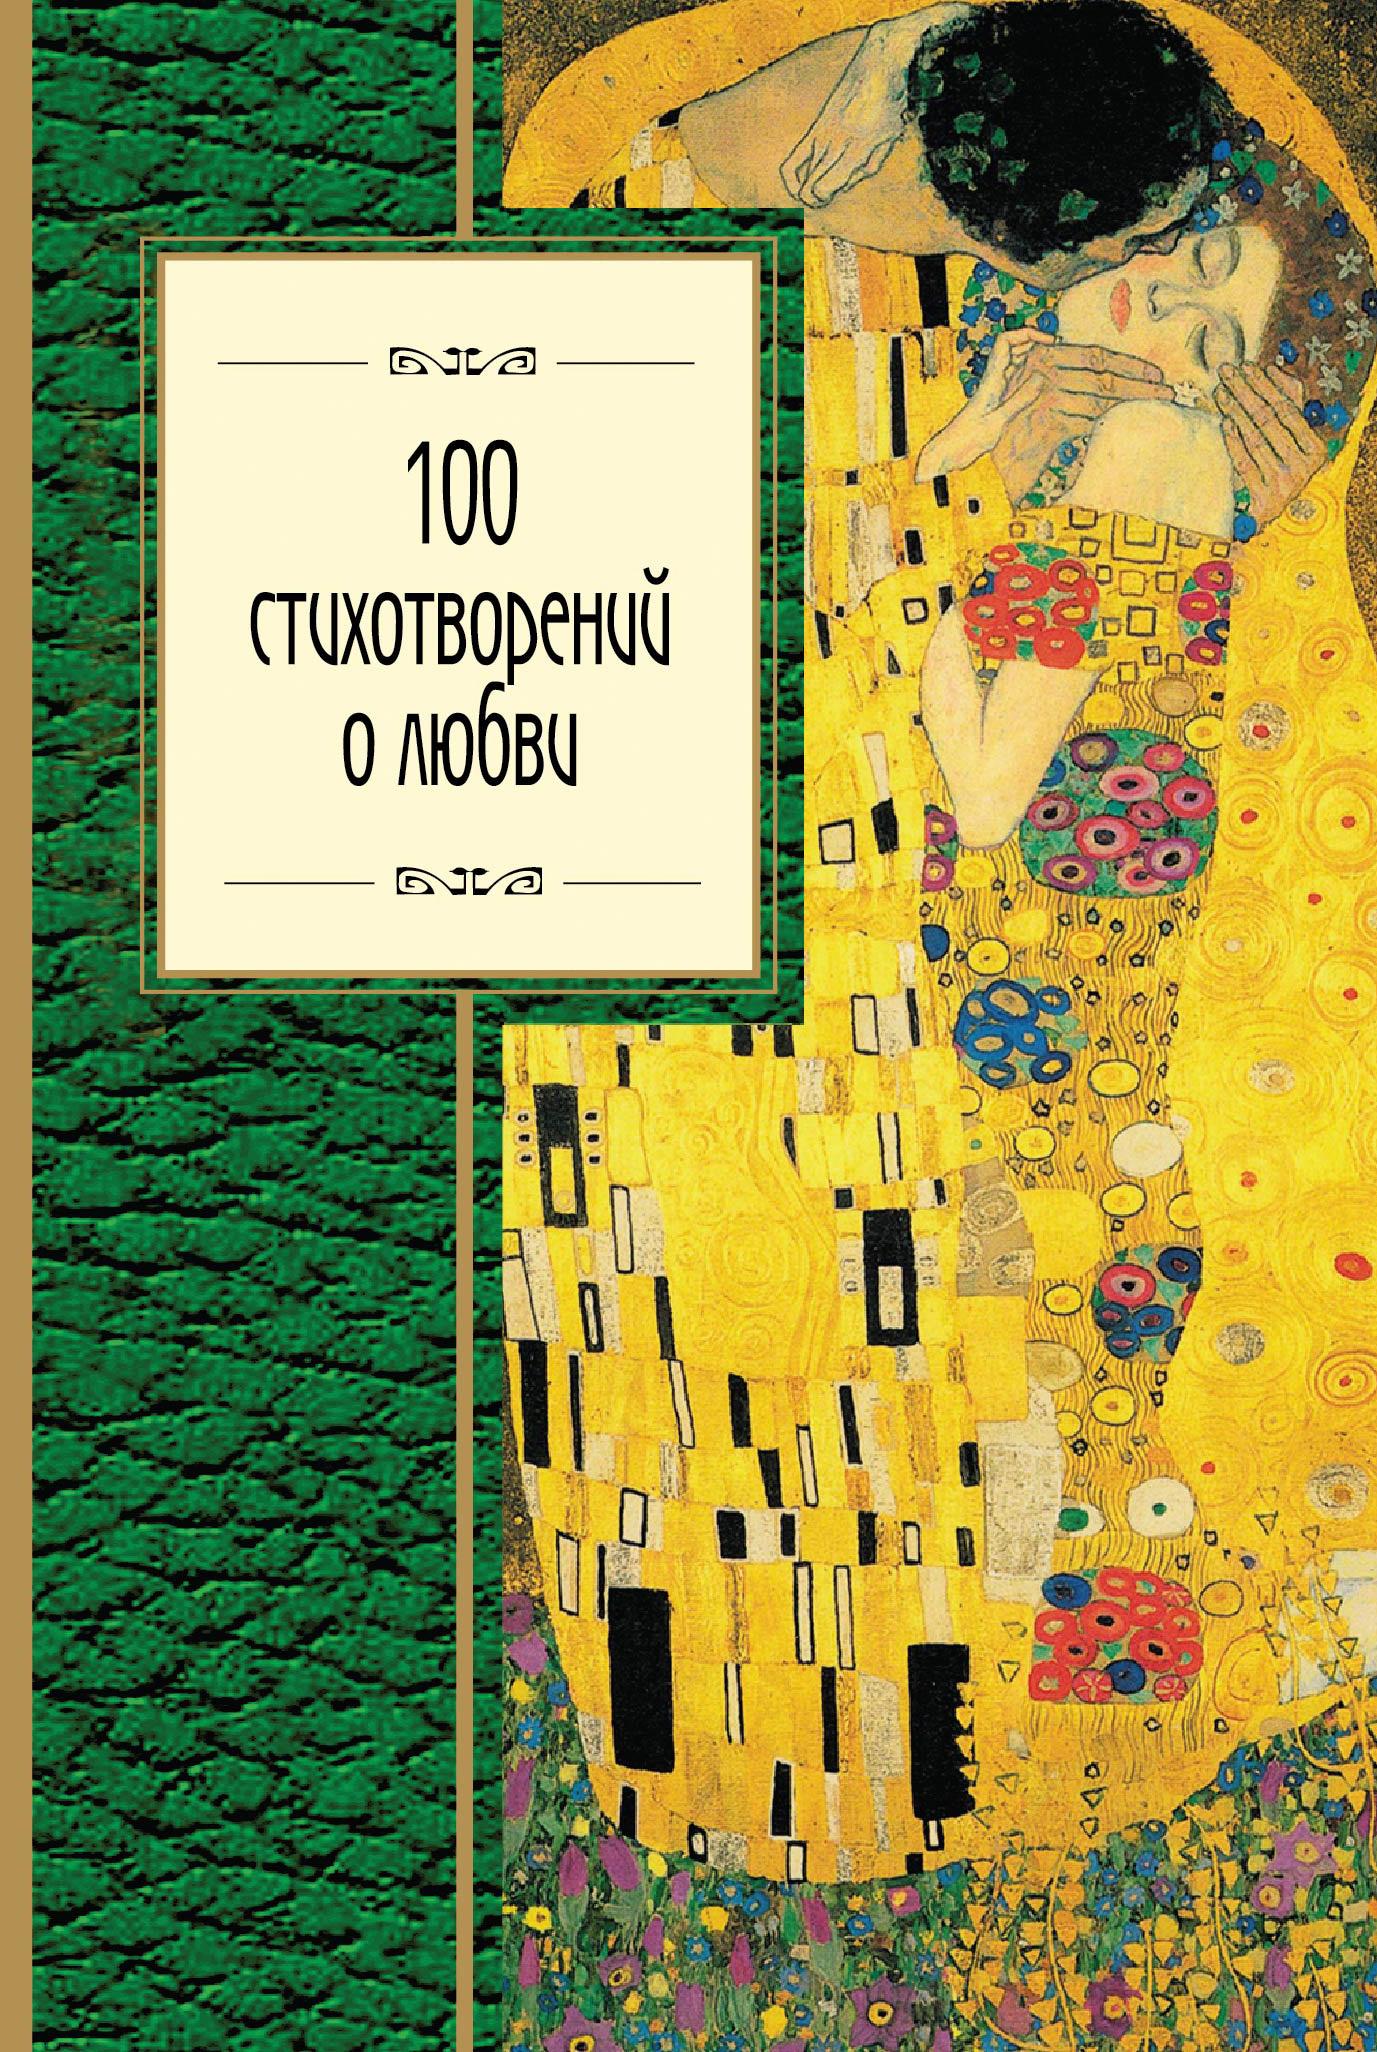 Александр Пушкин 100 стихотворений о любви цена